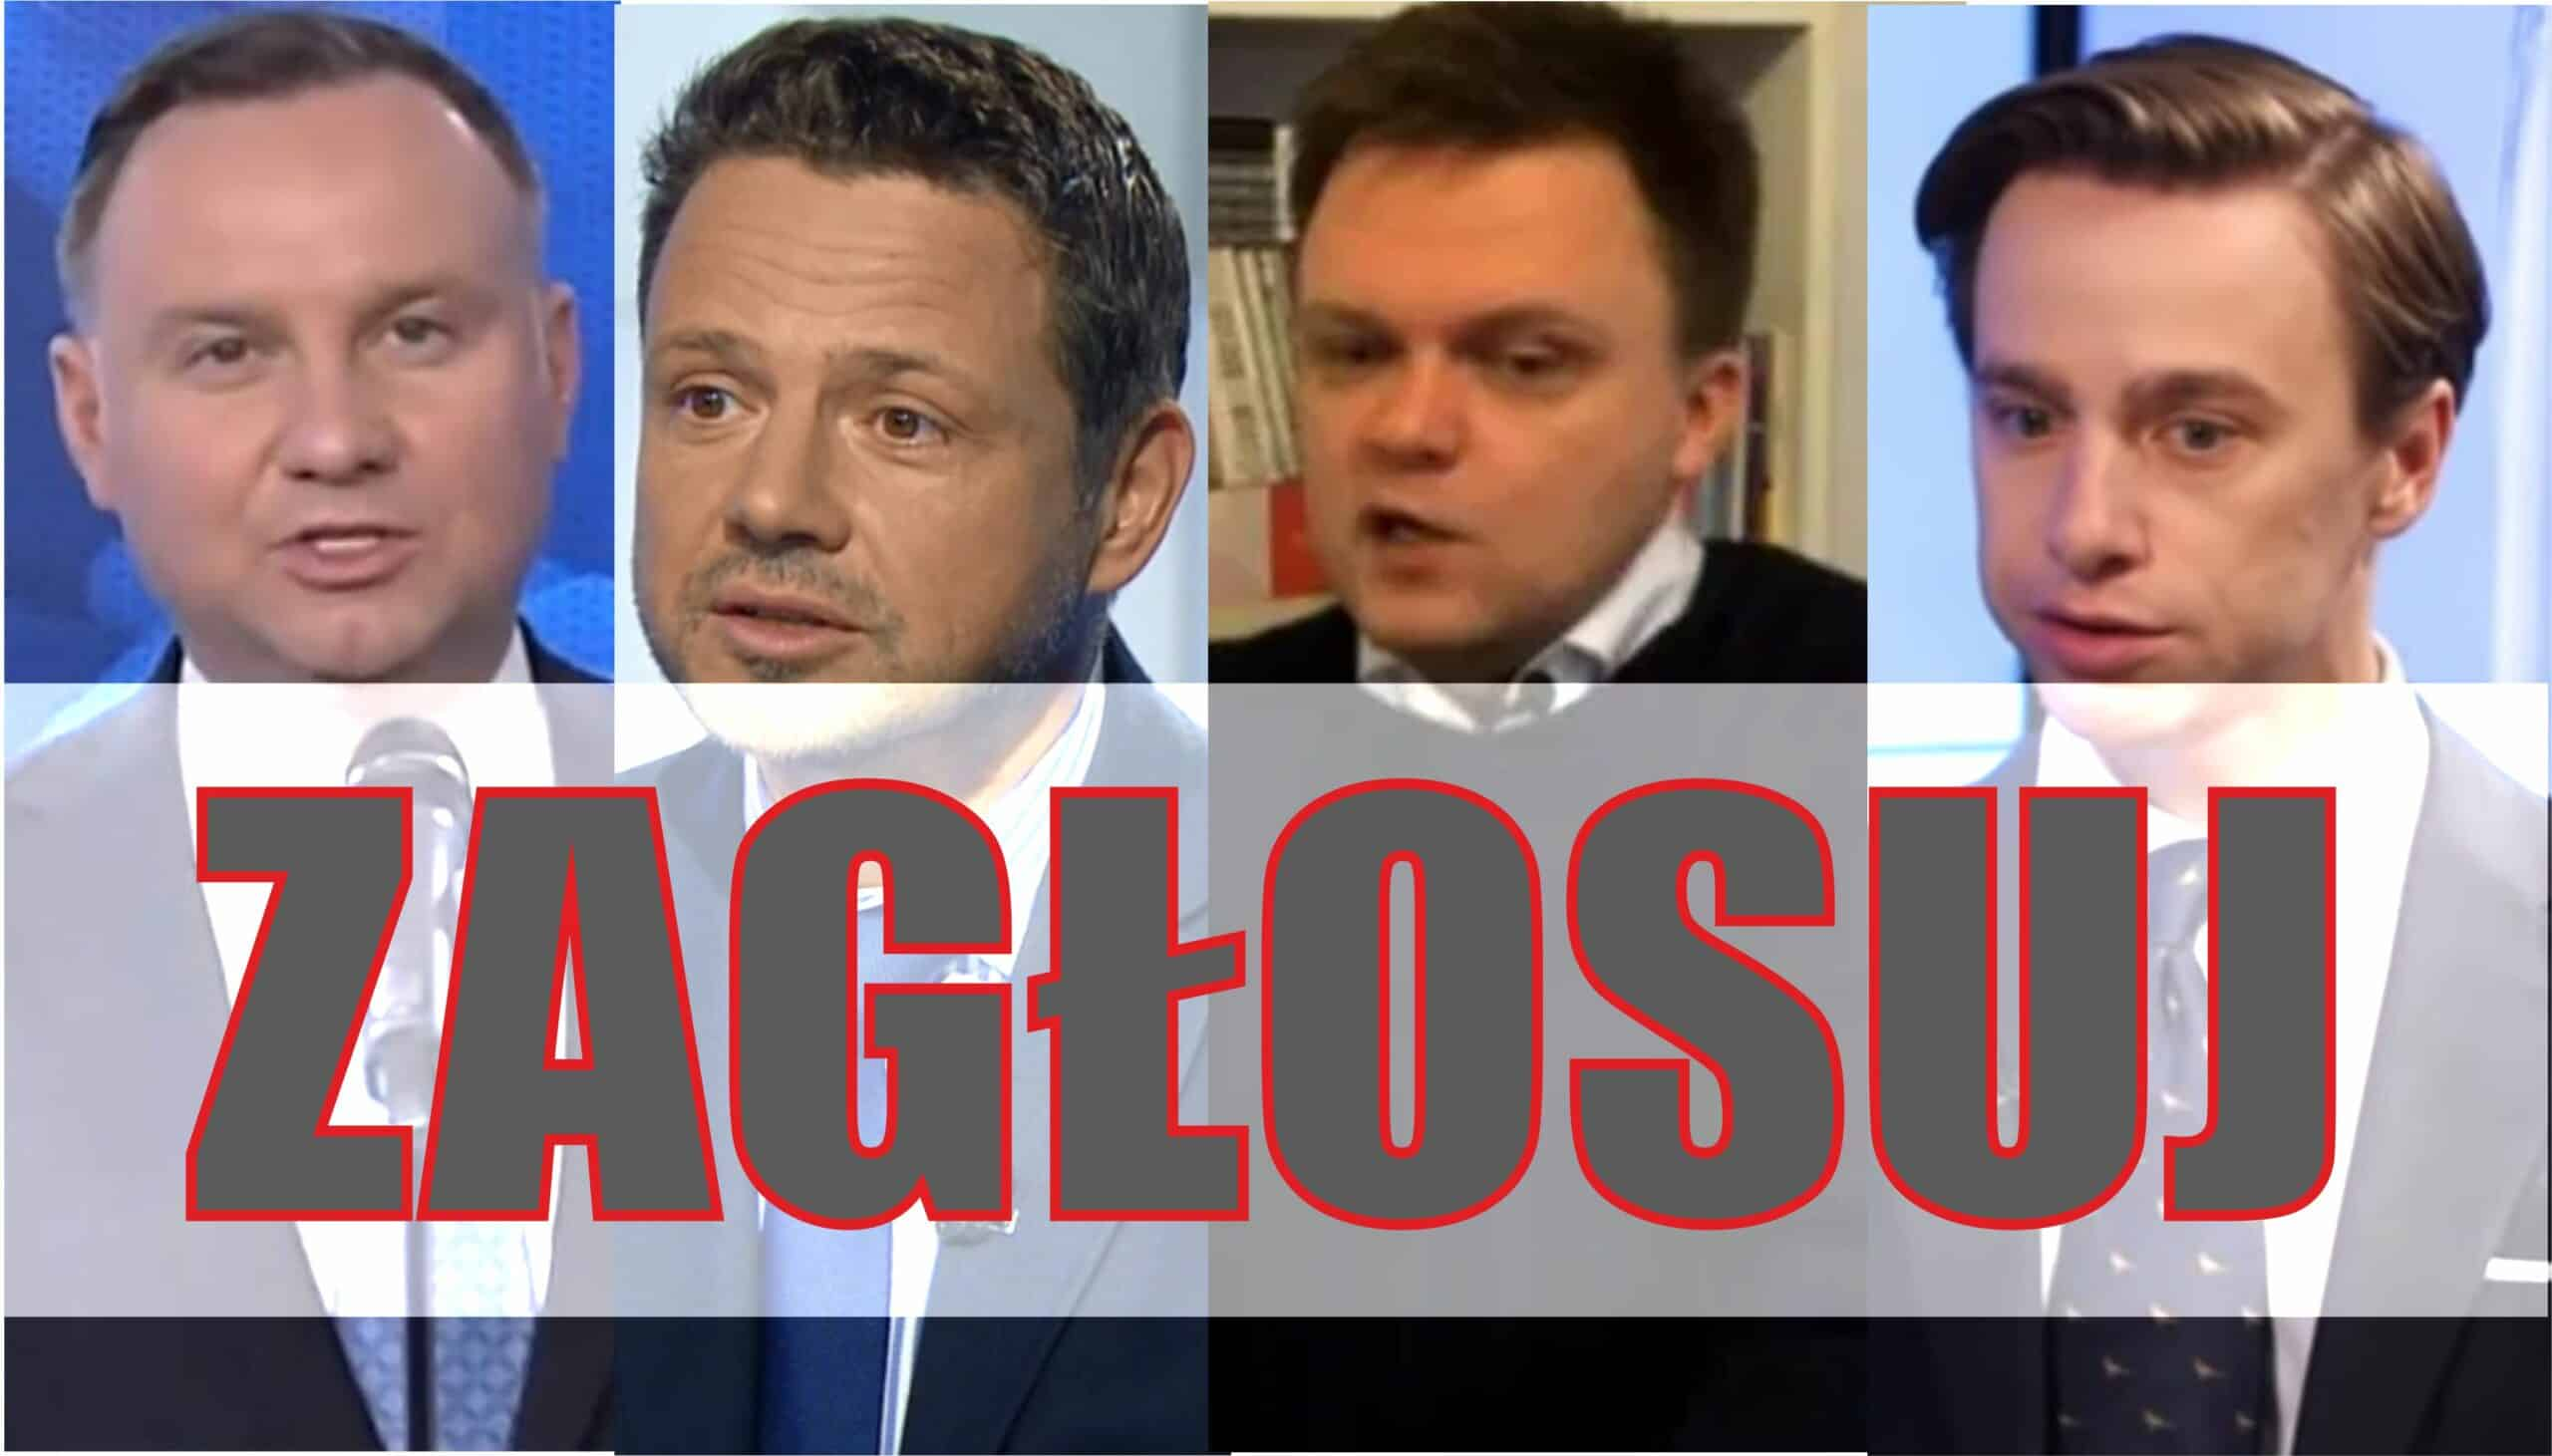 Sonda: Na kogo byś zagłosował gdyby wybory prezydenckie odbyły się dziś? Sondaże wyborcze pokazują, że Andrzej Duda jest faworytem, jaka jest prawda?